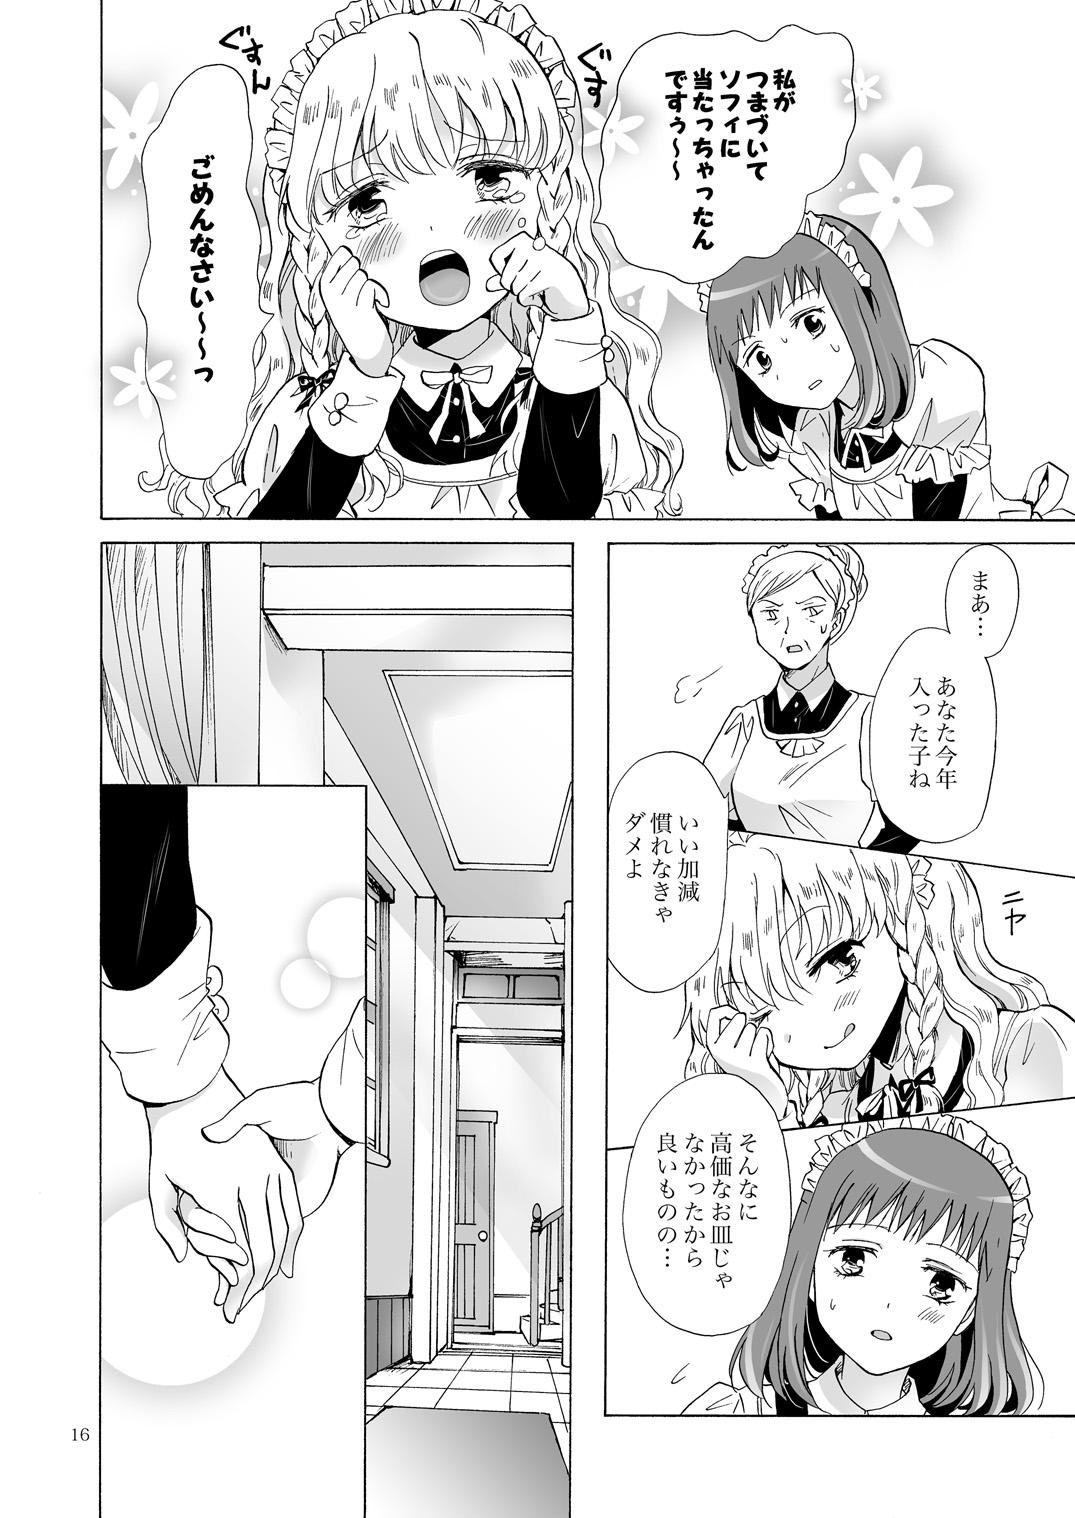 【エロ漫画・エロ同人誌】巨乳メイドがちっぱいメイドとレズエッチwww (15)